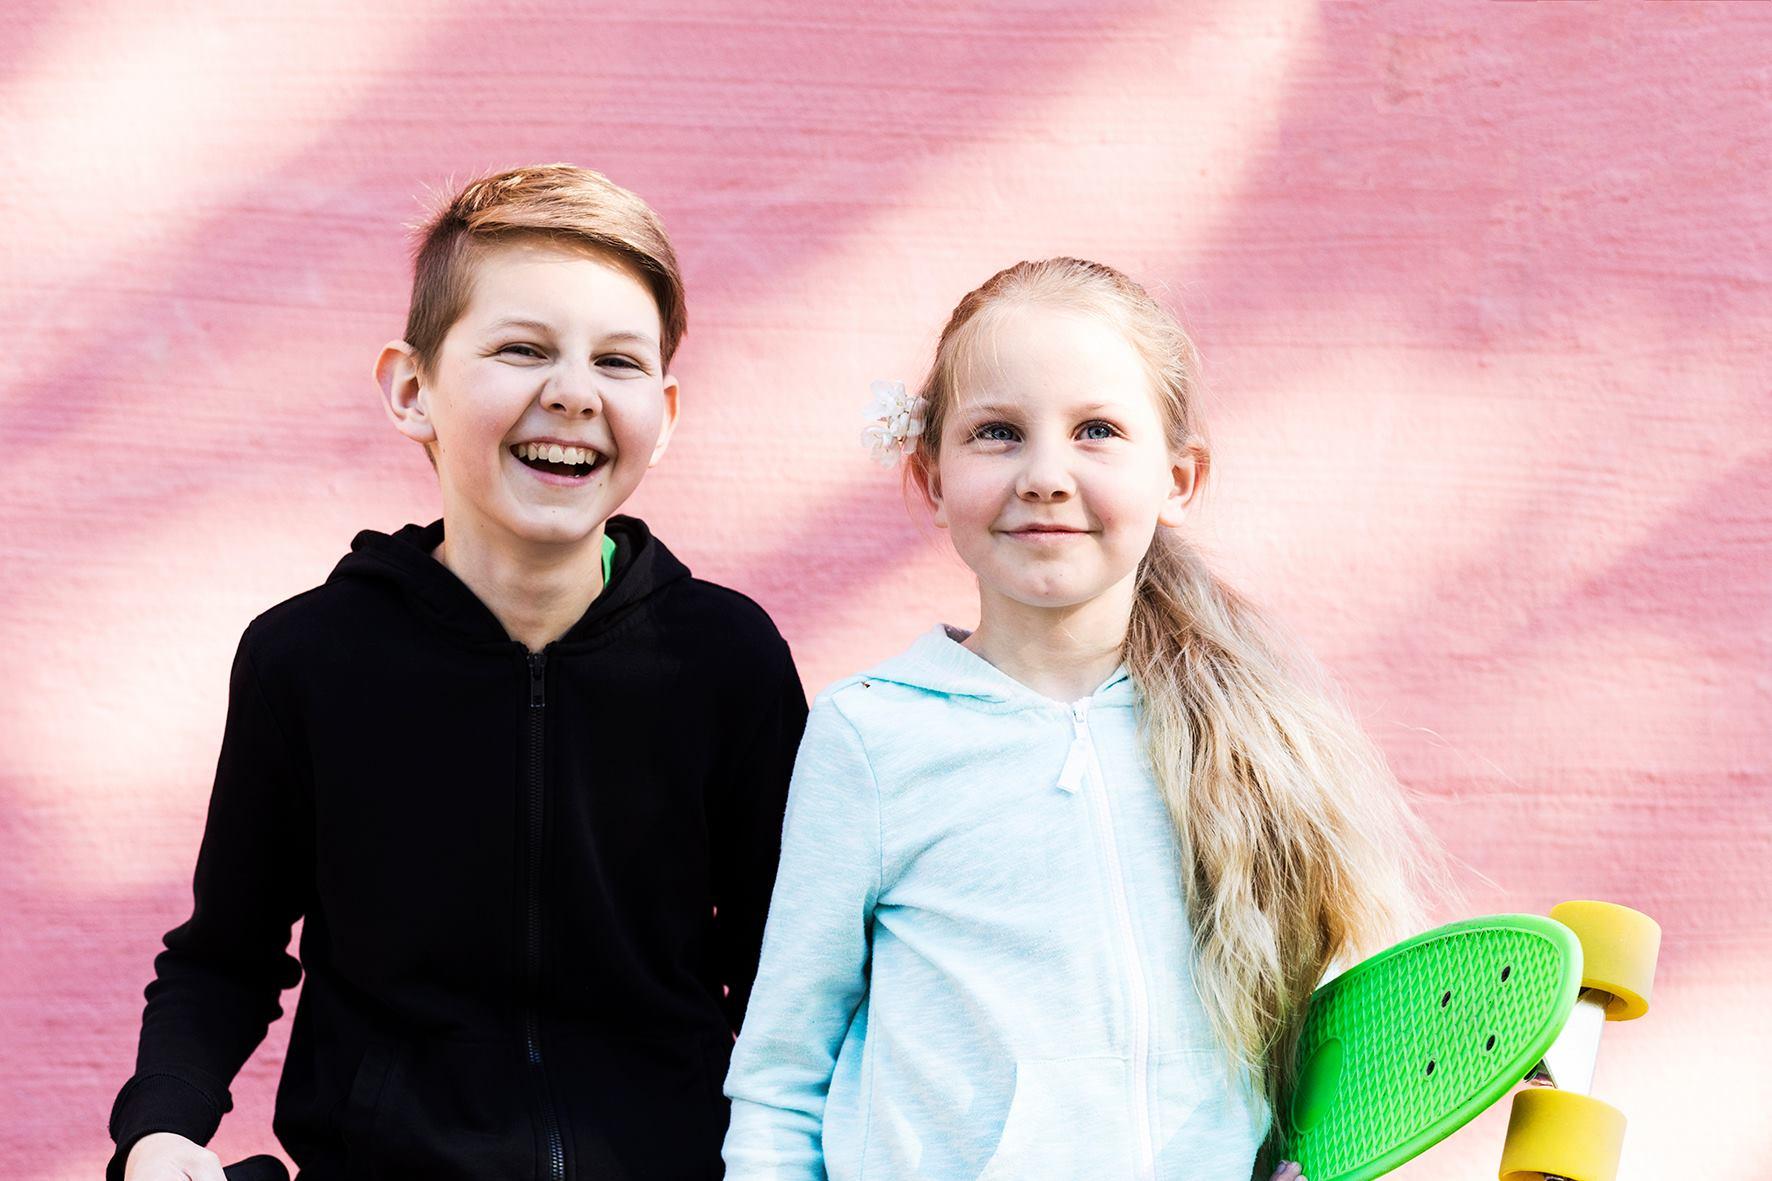 Uusperhekahvila Sipoossa 8.5.2019, Luennoitsijana Kirsi Heikinheimo